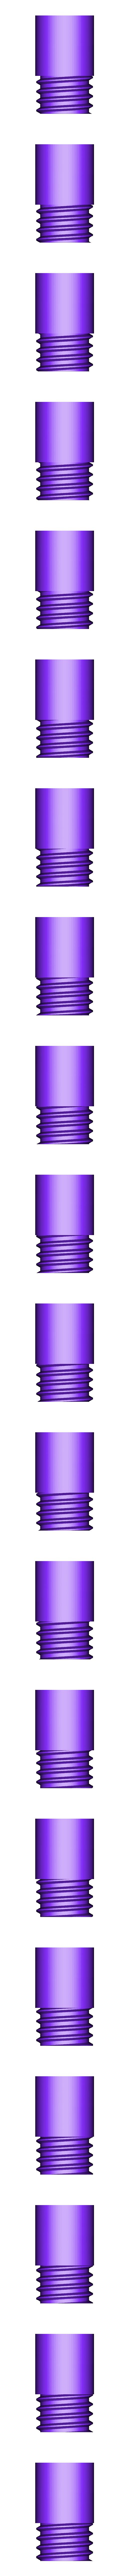 E017.stl Télécharger fichier STL Perceuse à main Impression 3D • Design pour impression 3D, MPPSWKA7